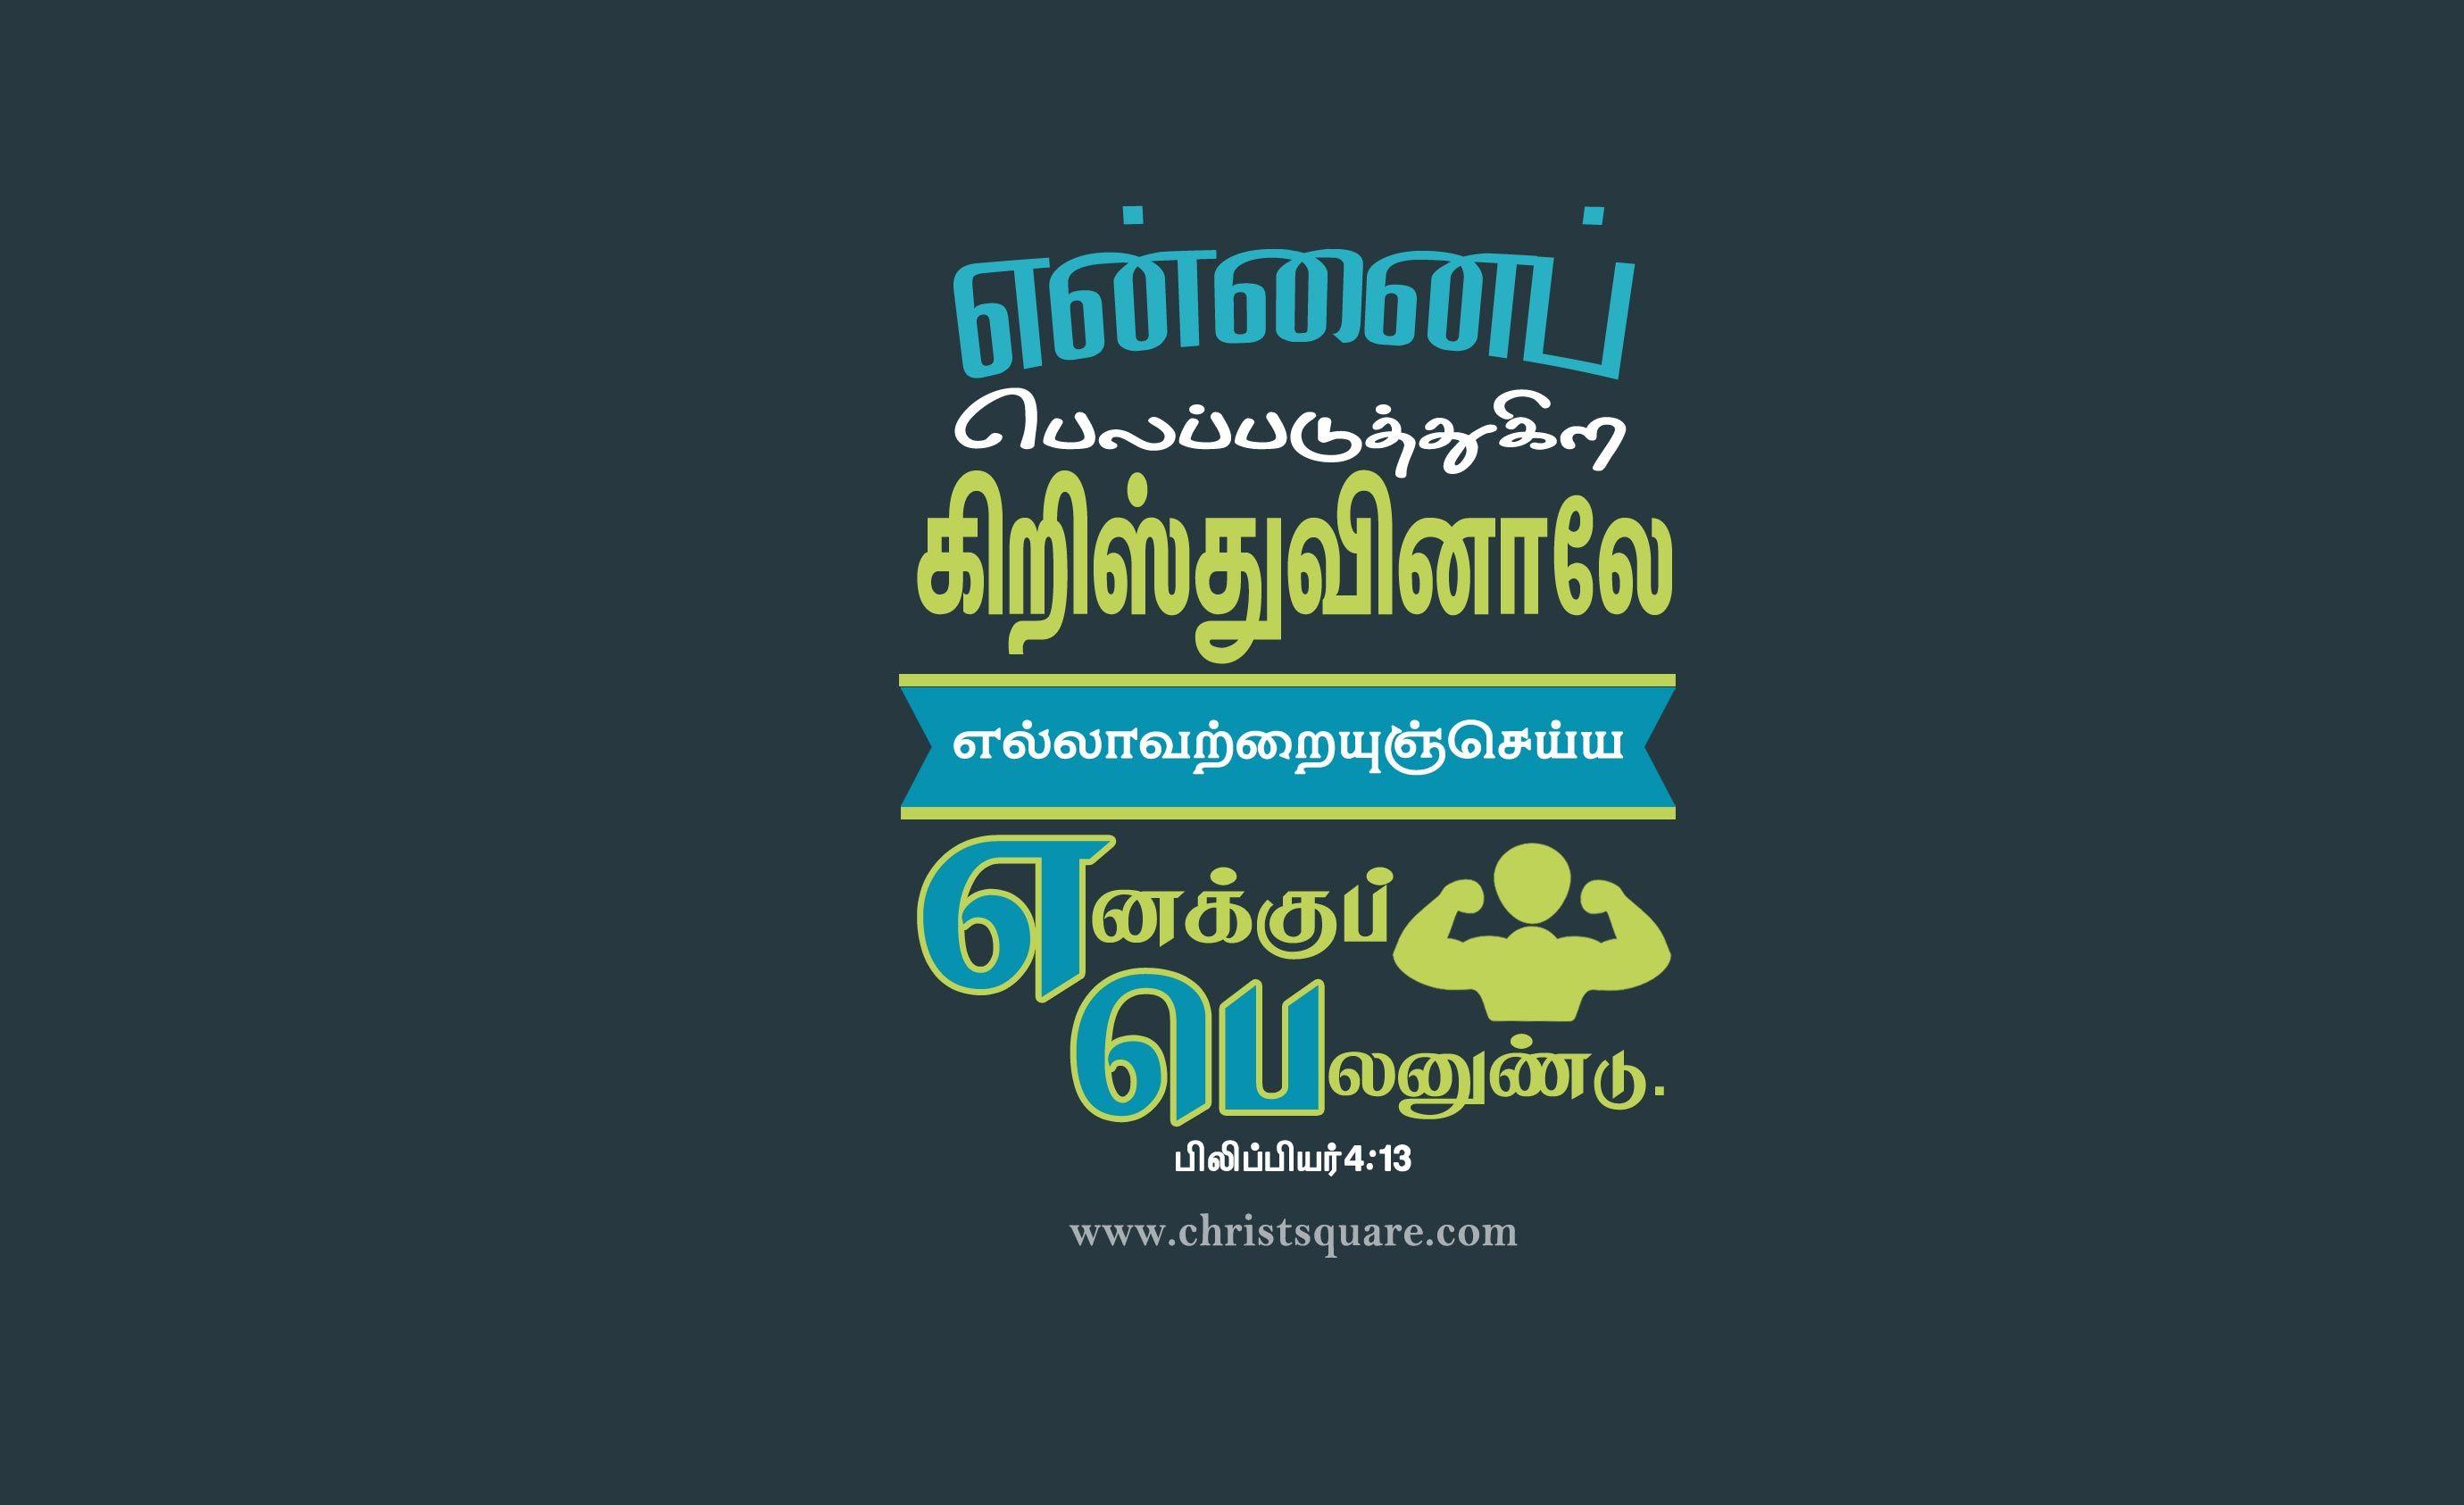 Tamil christian wallpaper, mobile wallpaper verse,tamil ...